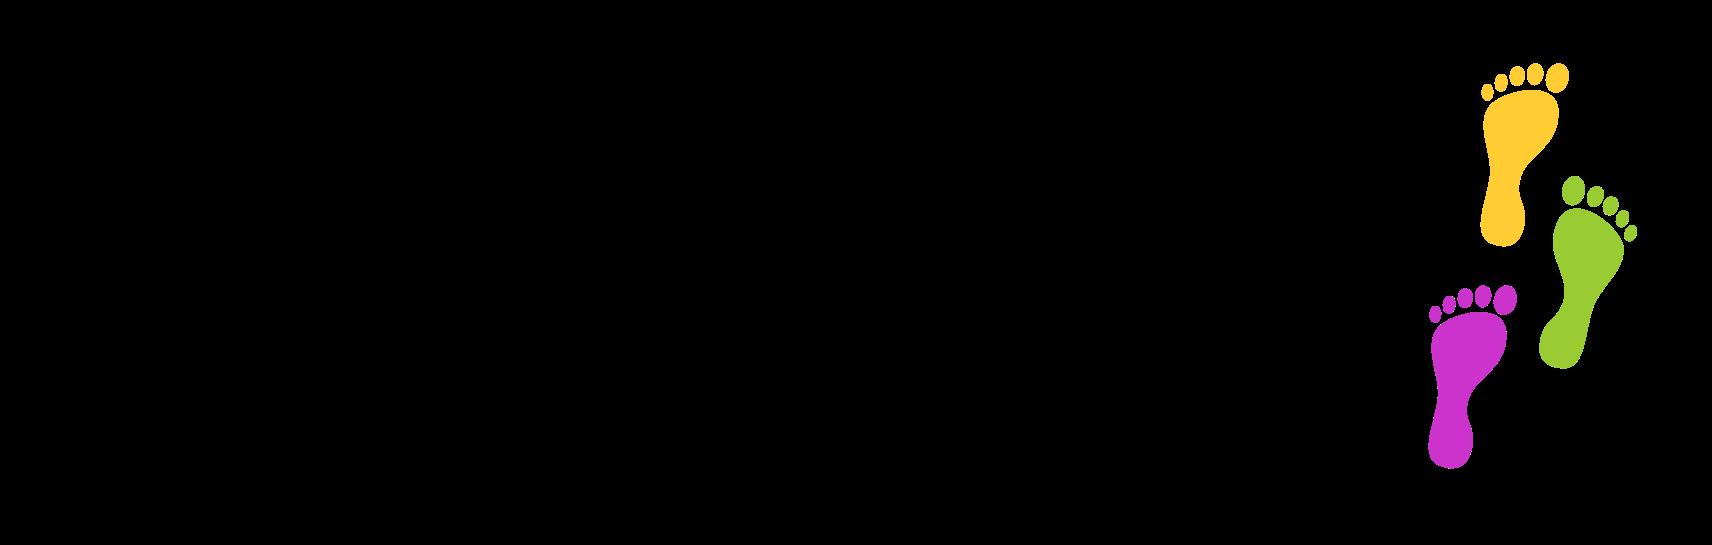 Espaces V.I.E. - Veille, Innovation, Échanges pour contrer l'exploitation sexuelle